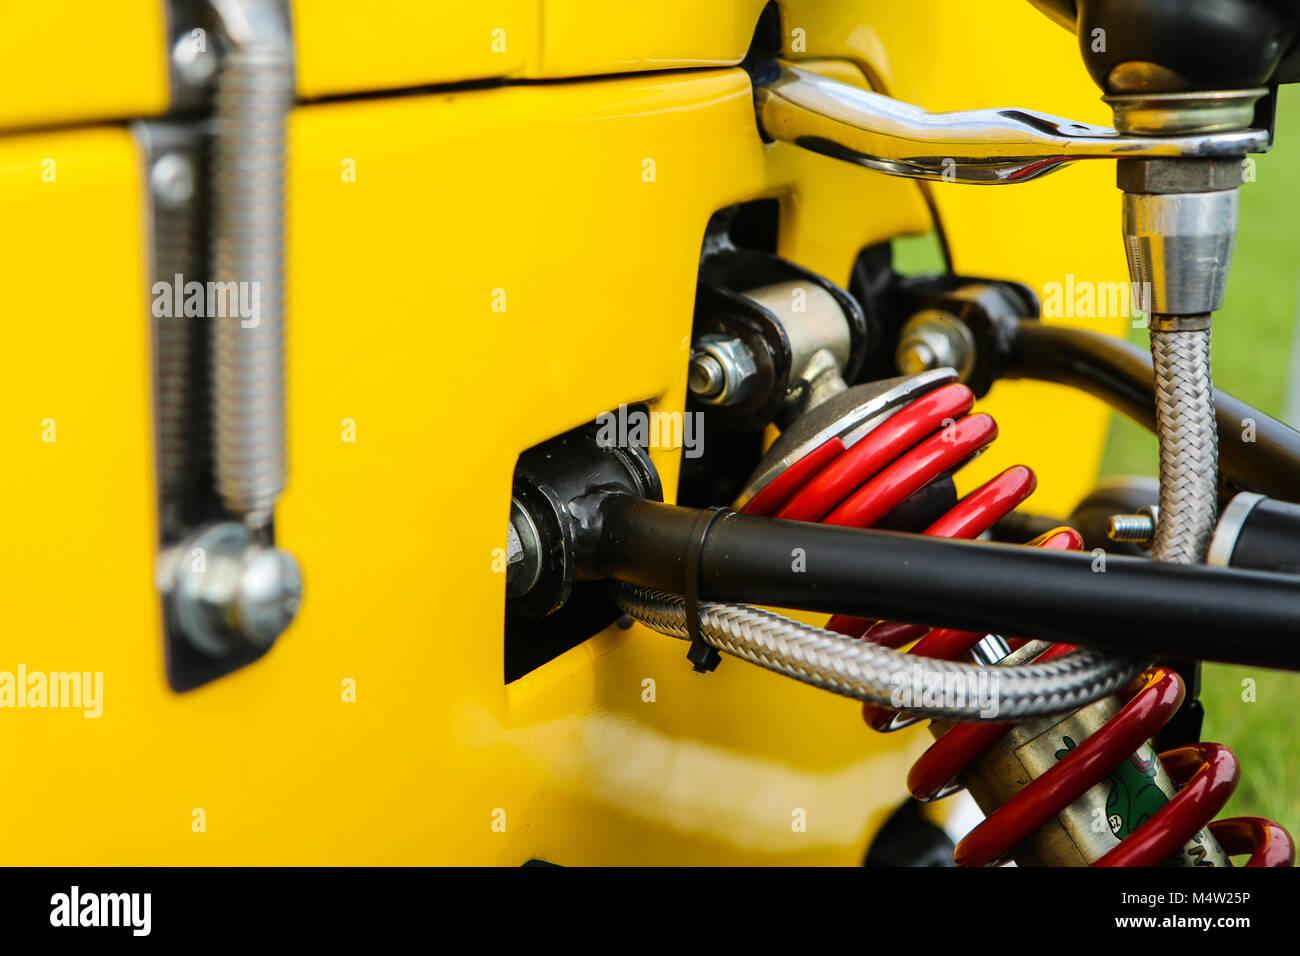 Ein Detail der Aufhängung eines leichten Sport Auto. Stockbild